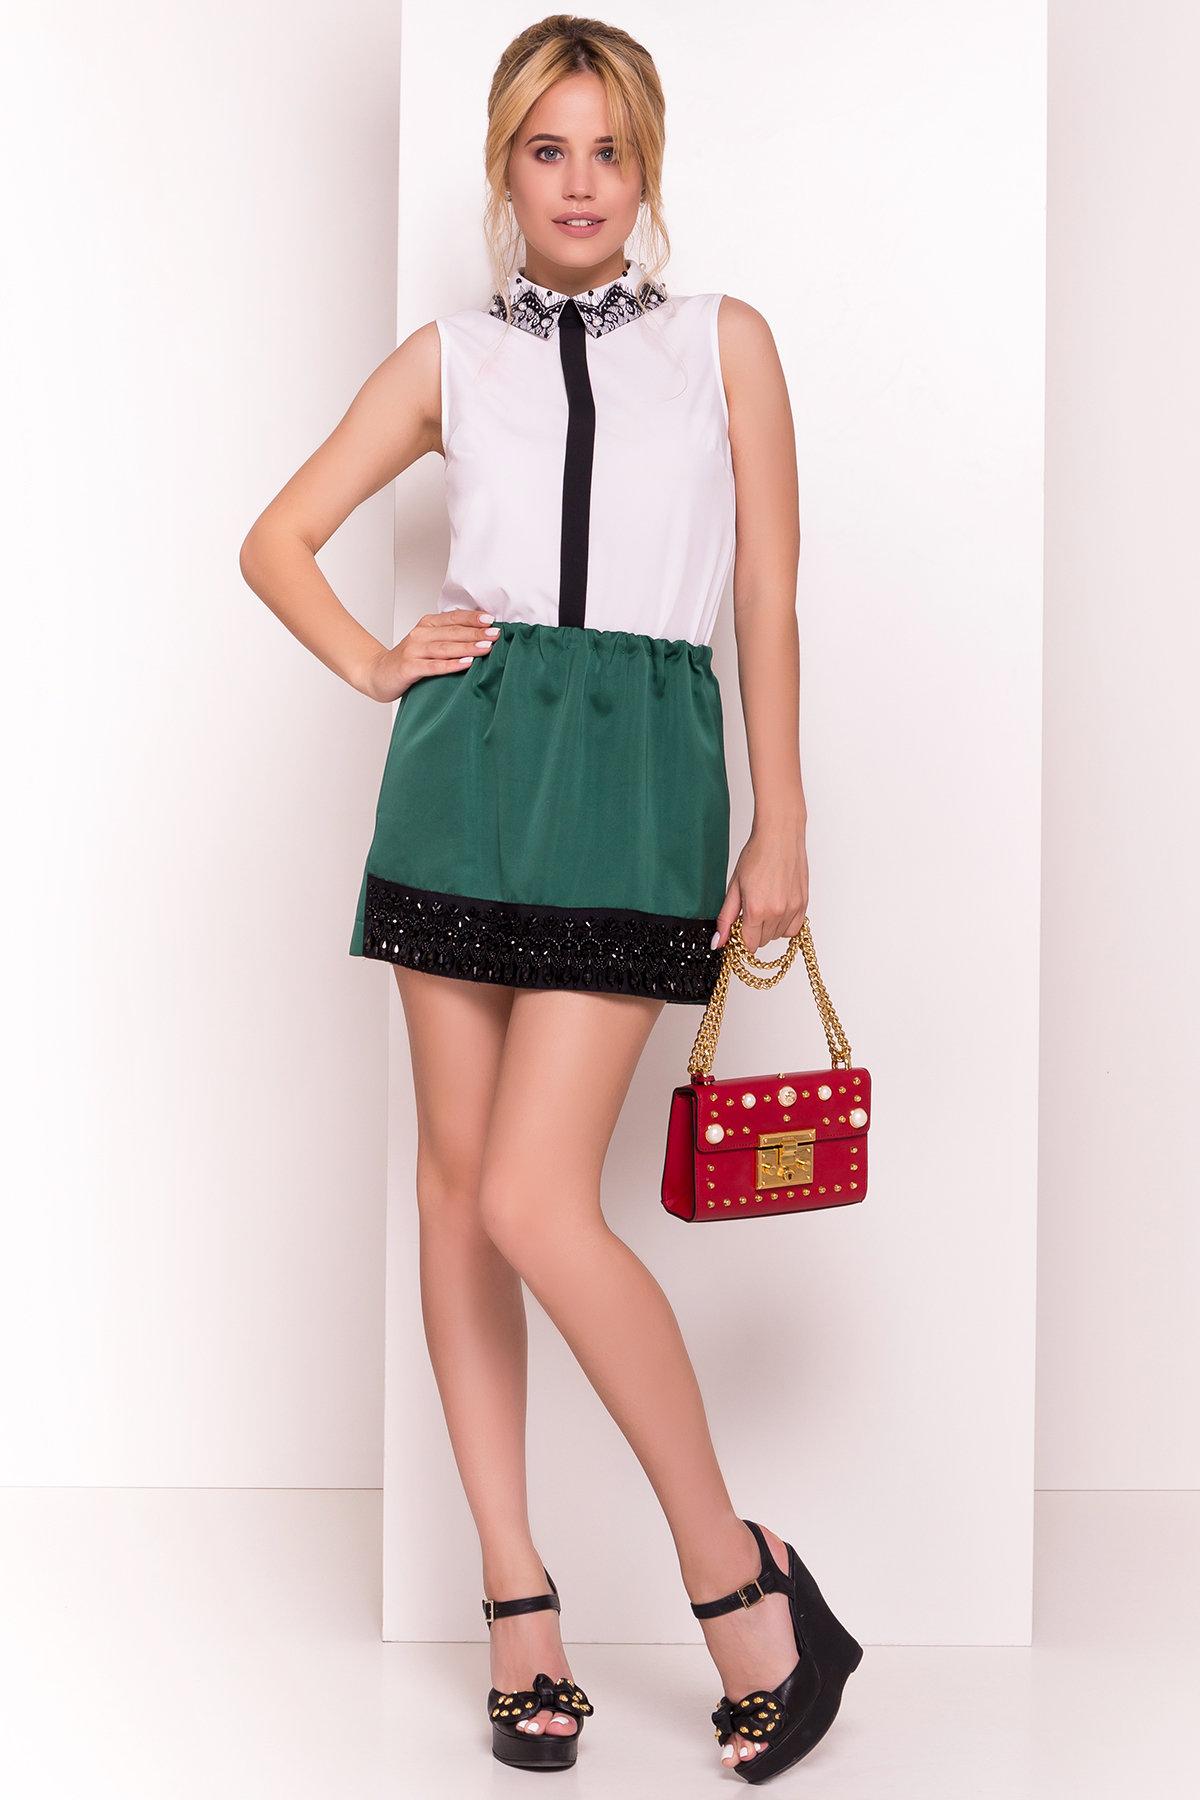 Блузка с вертикальной вставкой Мурия 5220 АРТ. 36304 Цвет: Белый - фото 7, интернет магазин tm-modus.ru